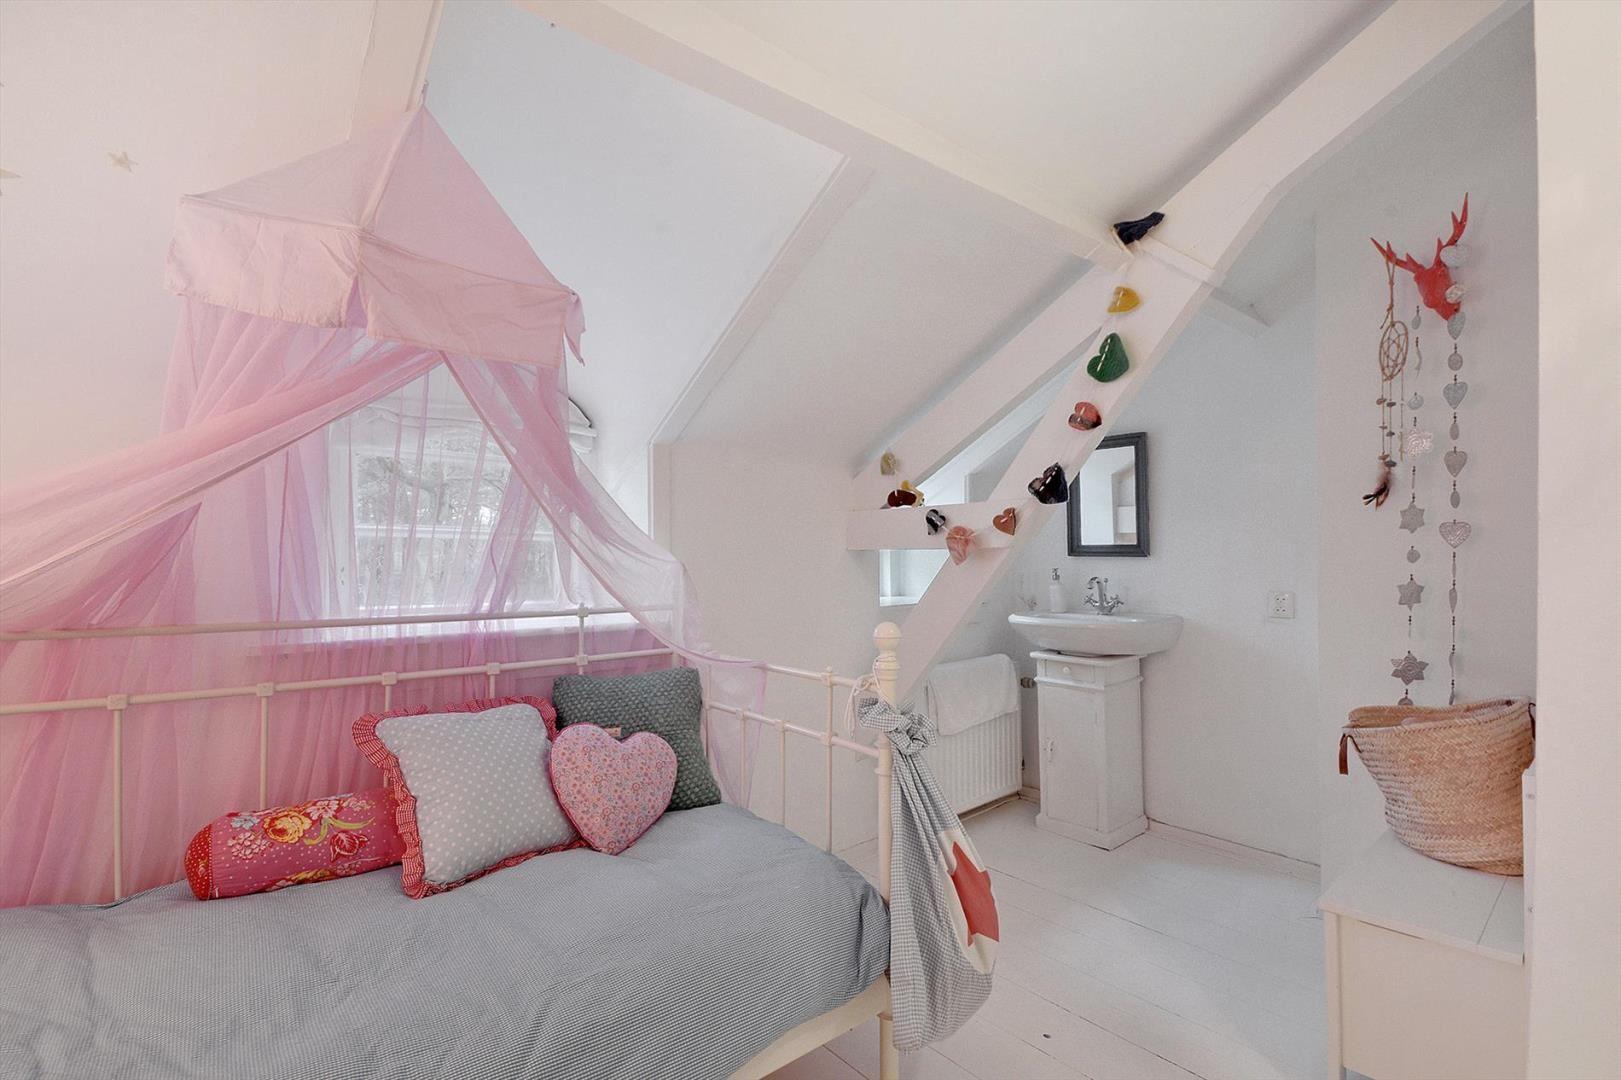 детская спальня кровать окно балдахин